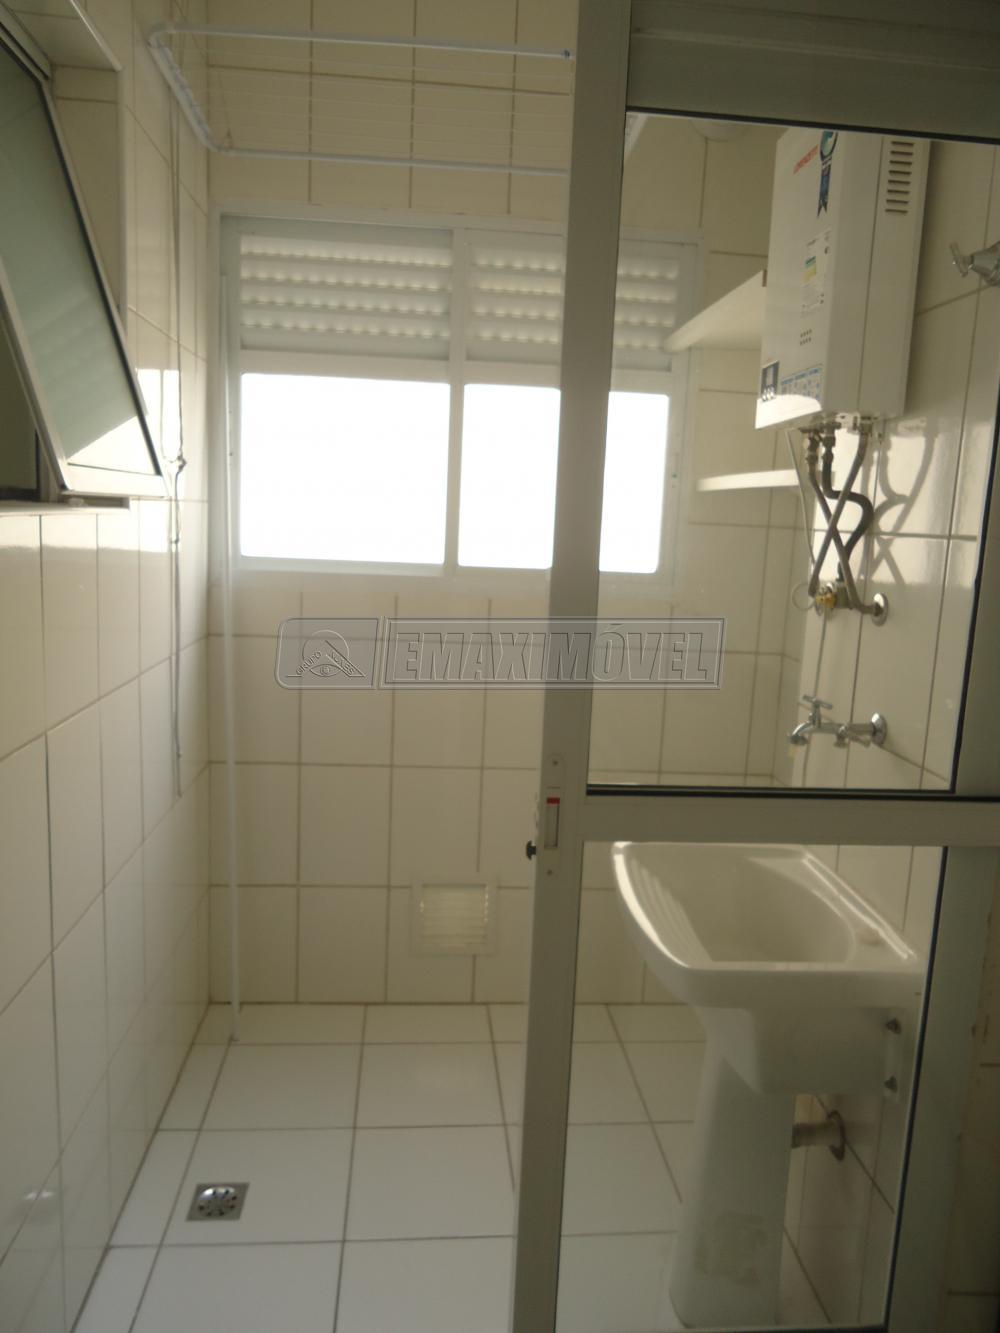 Alugar Apartamentos / Apto Padrão em Votorantim apenas R$ 1.600,00 - Foto 15